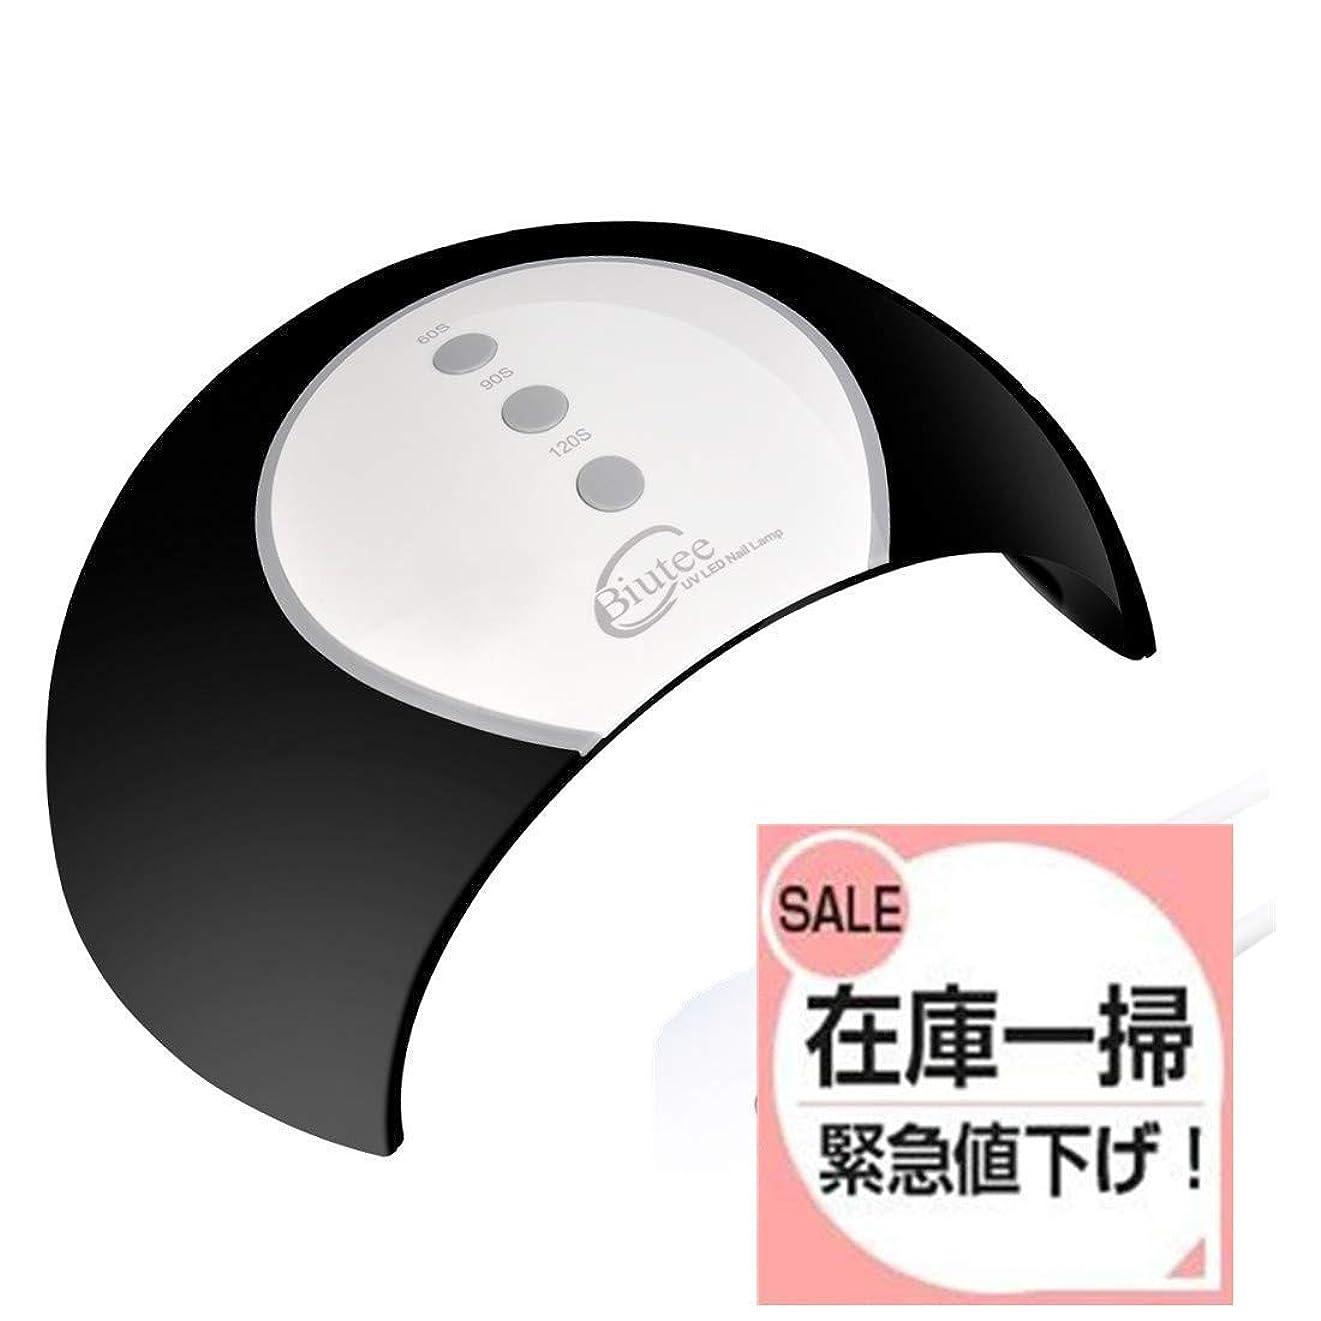 ローブナンセンス続ける24W ネイルライト USB充電 8個LED 60s 90s 120sタイマー 手足両用 自動センサー付き ネイルドライヤー UV LED ジェルネイルライト 日本語説明書付き